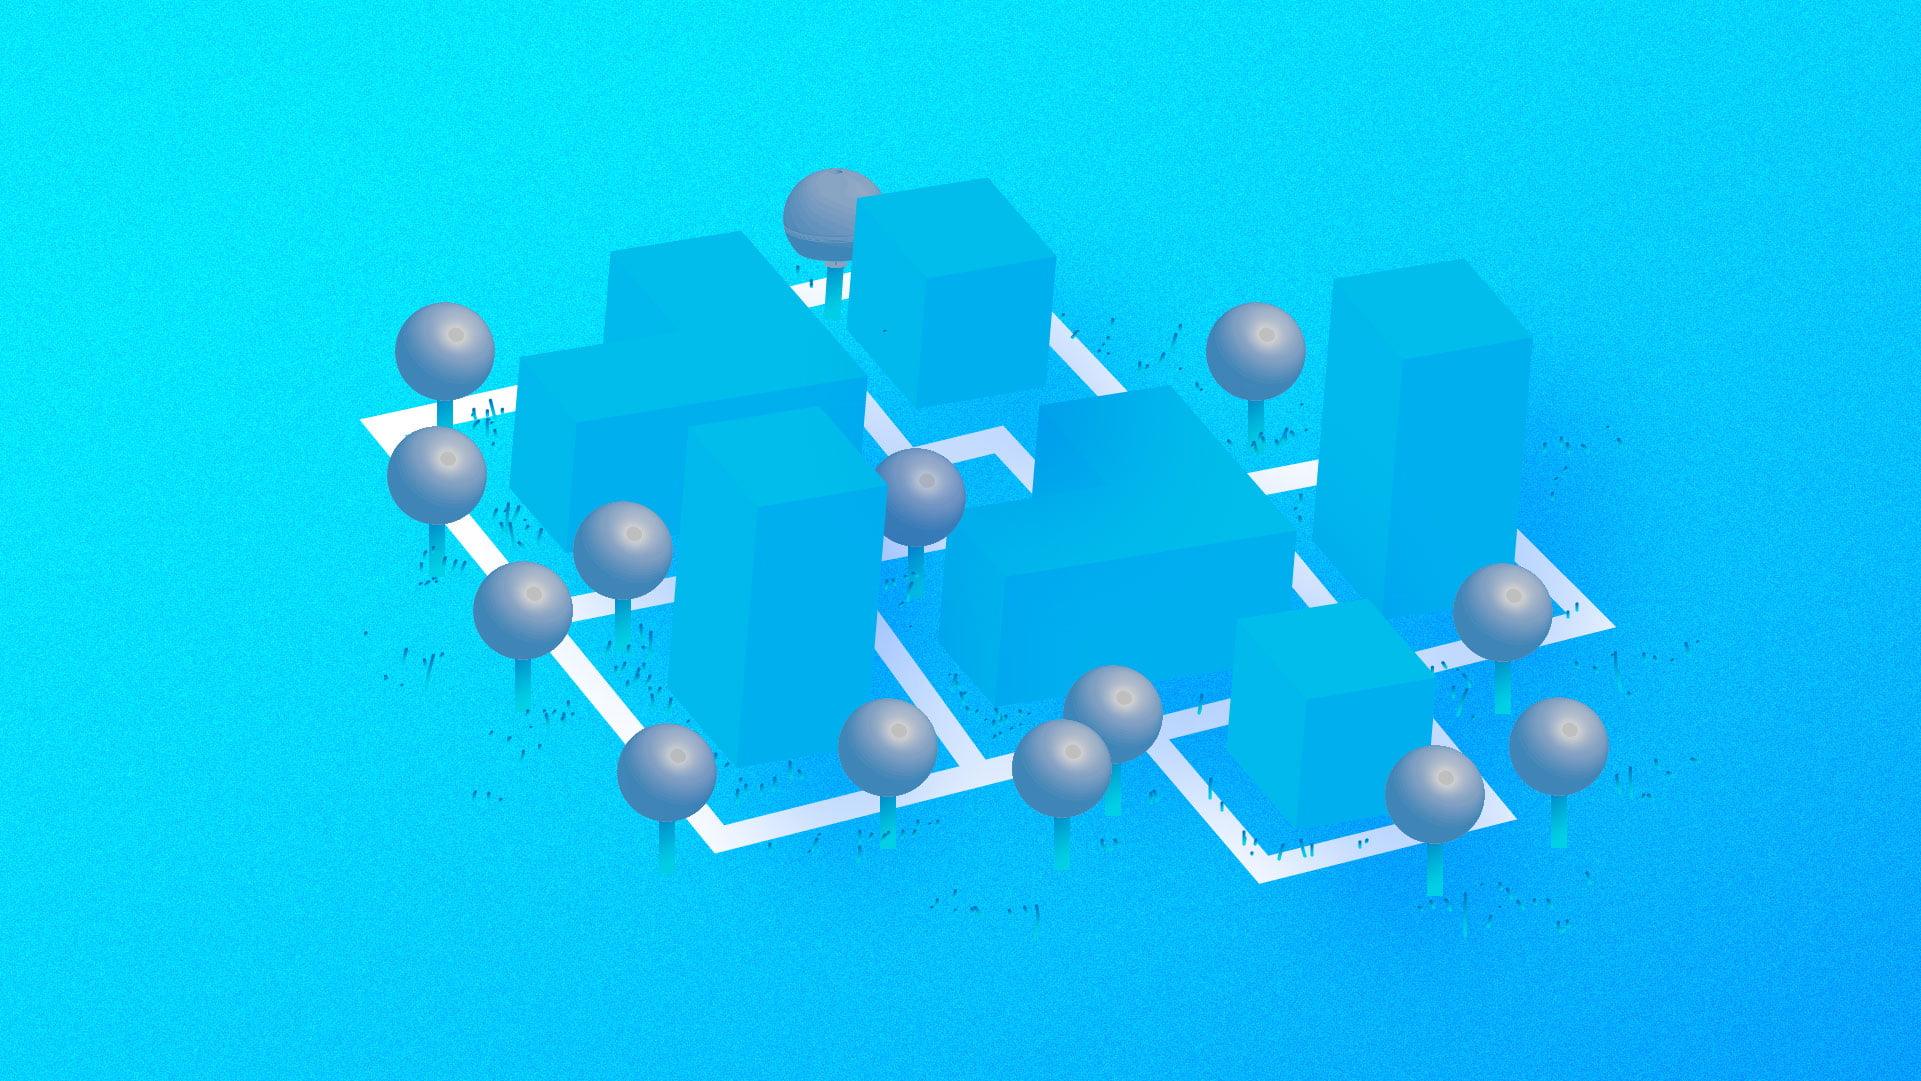 grafika w kolorystyce jasnoniebieskiej, z elementami szarego i białego. na jasnoniebieskim tle jasnoniebieskie prostopadłościany. pomiędzy nimi szare kule. schematyczny, uproszczony plan osiedla mieszkaniowego z alejkami i drzewami